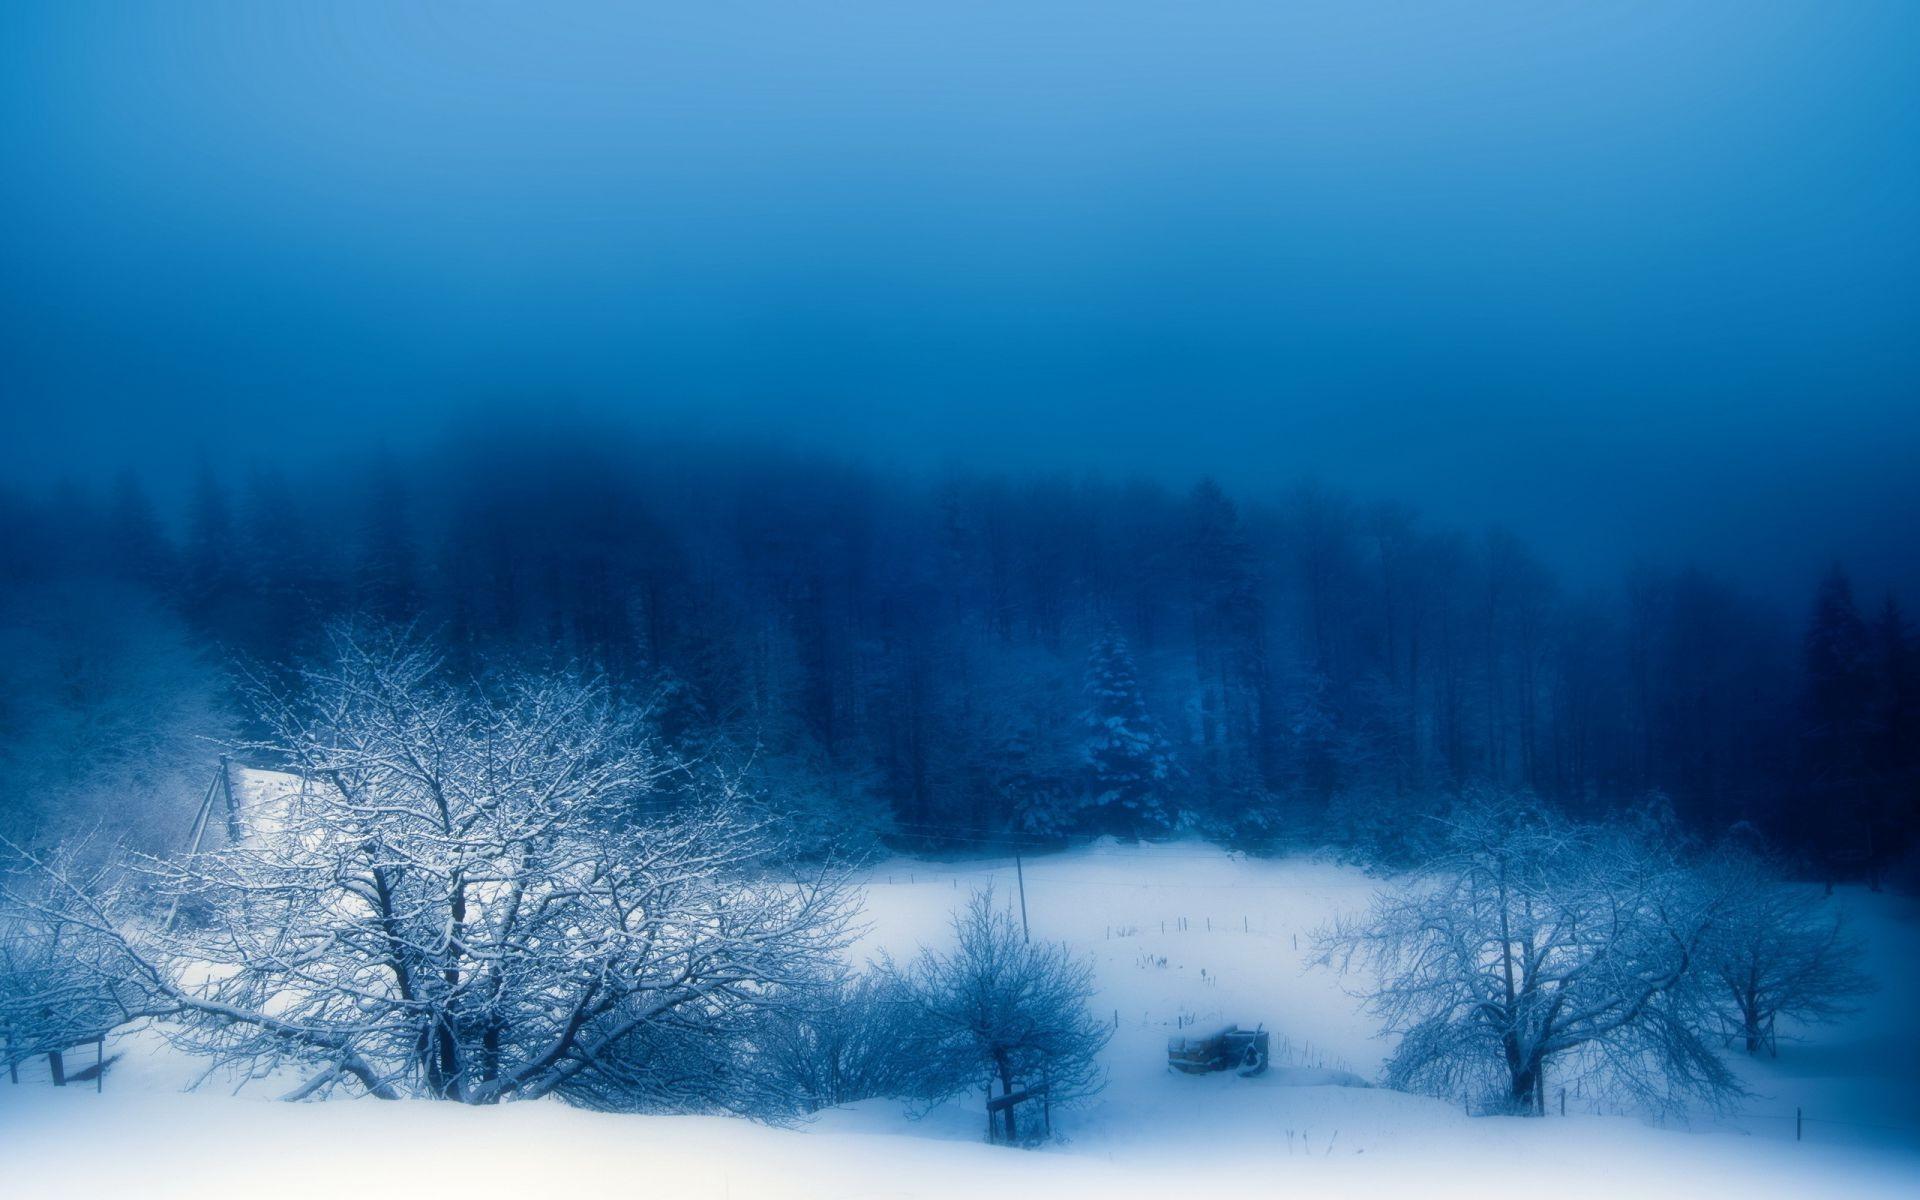 Зимний голубой лес картинки